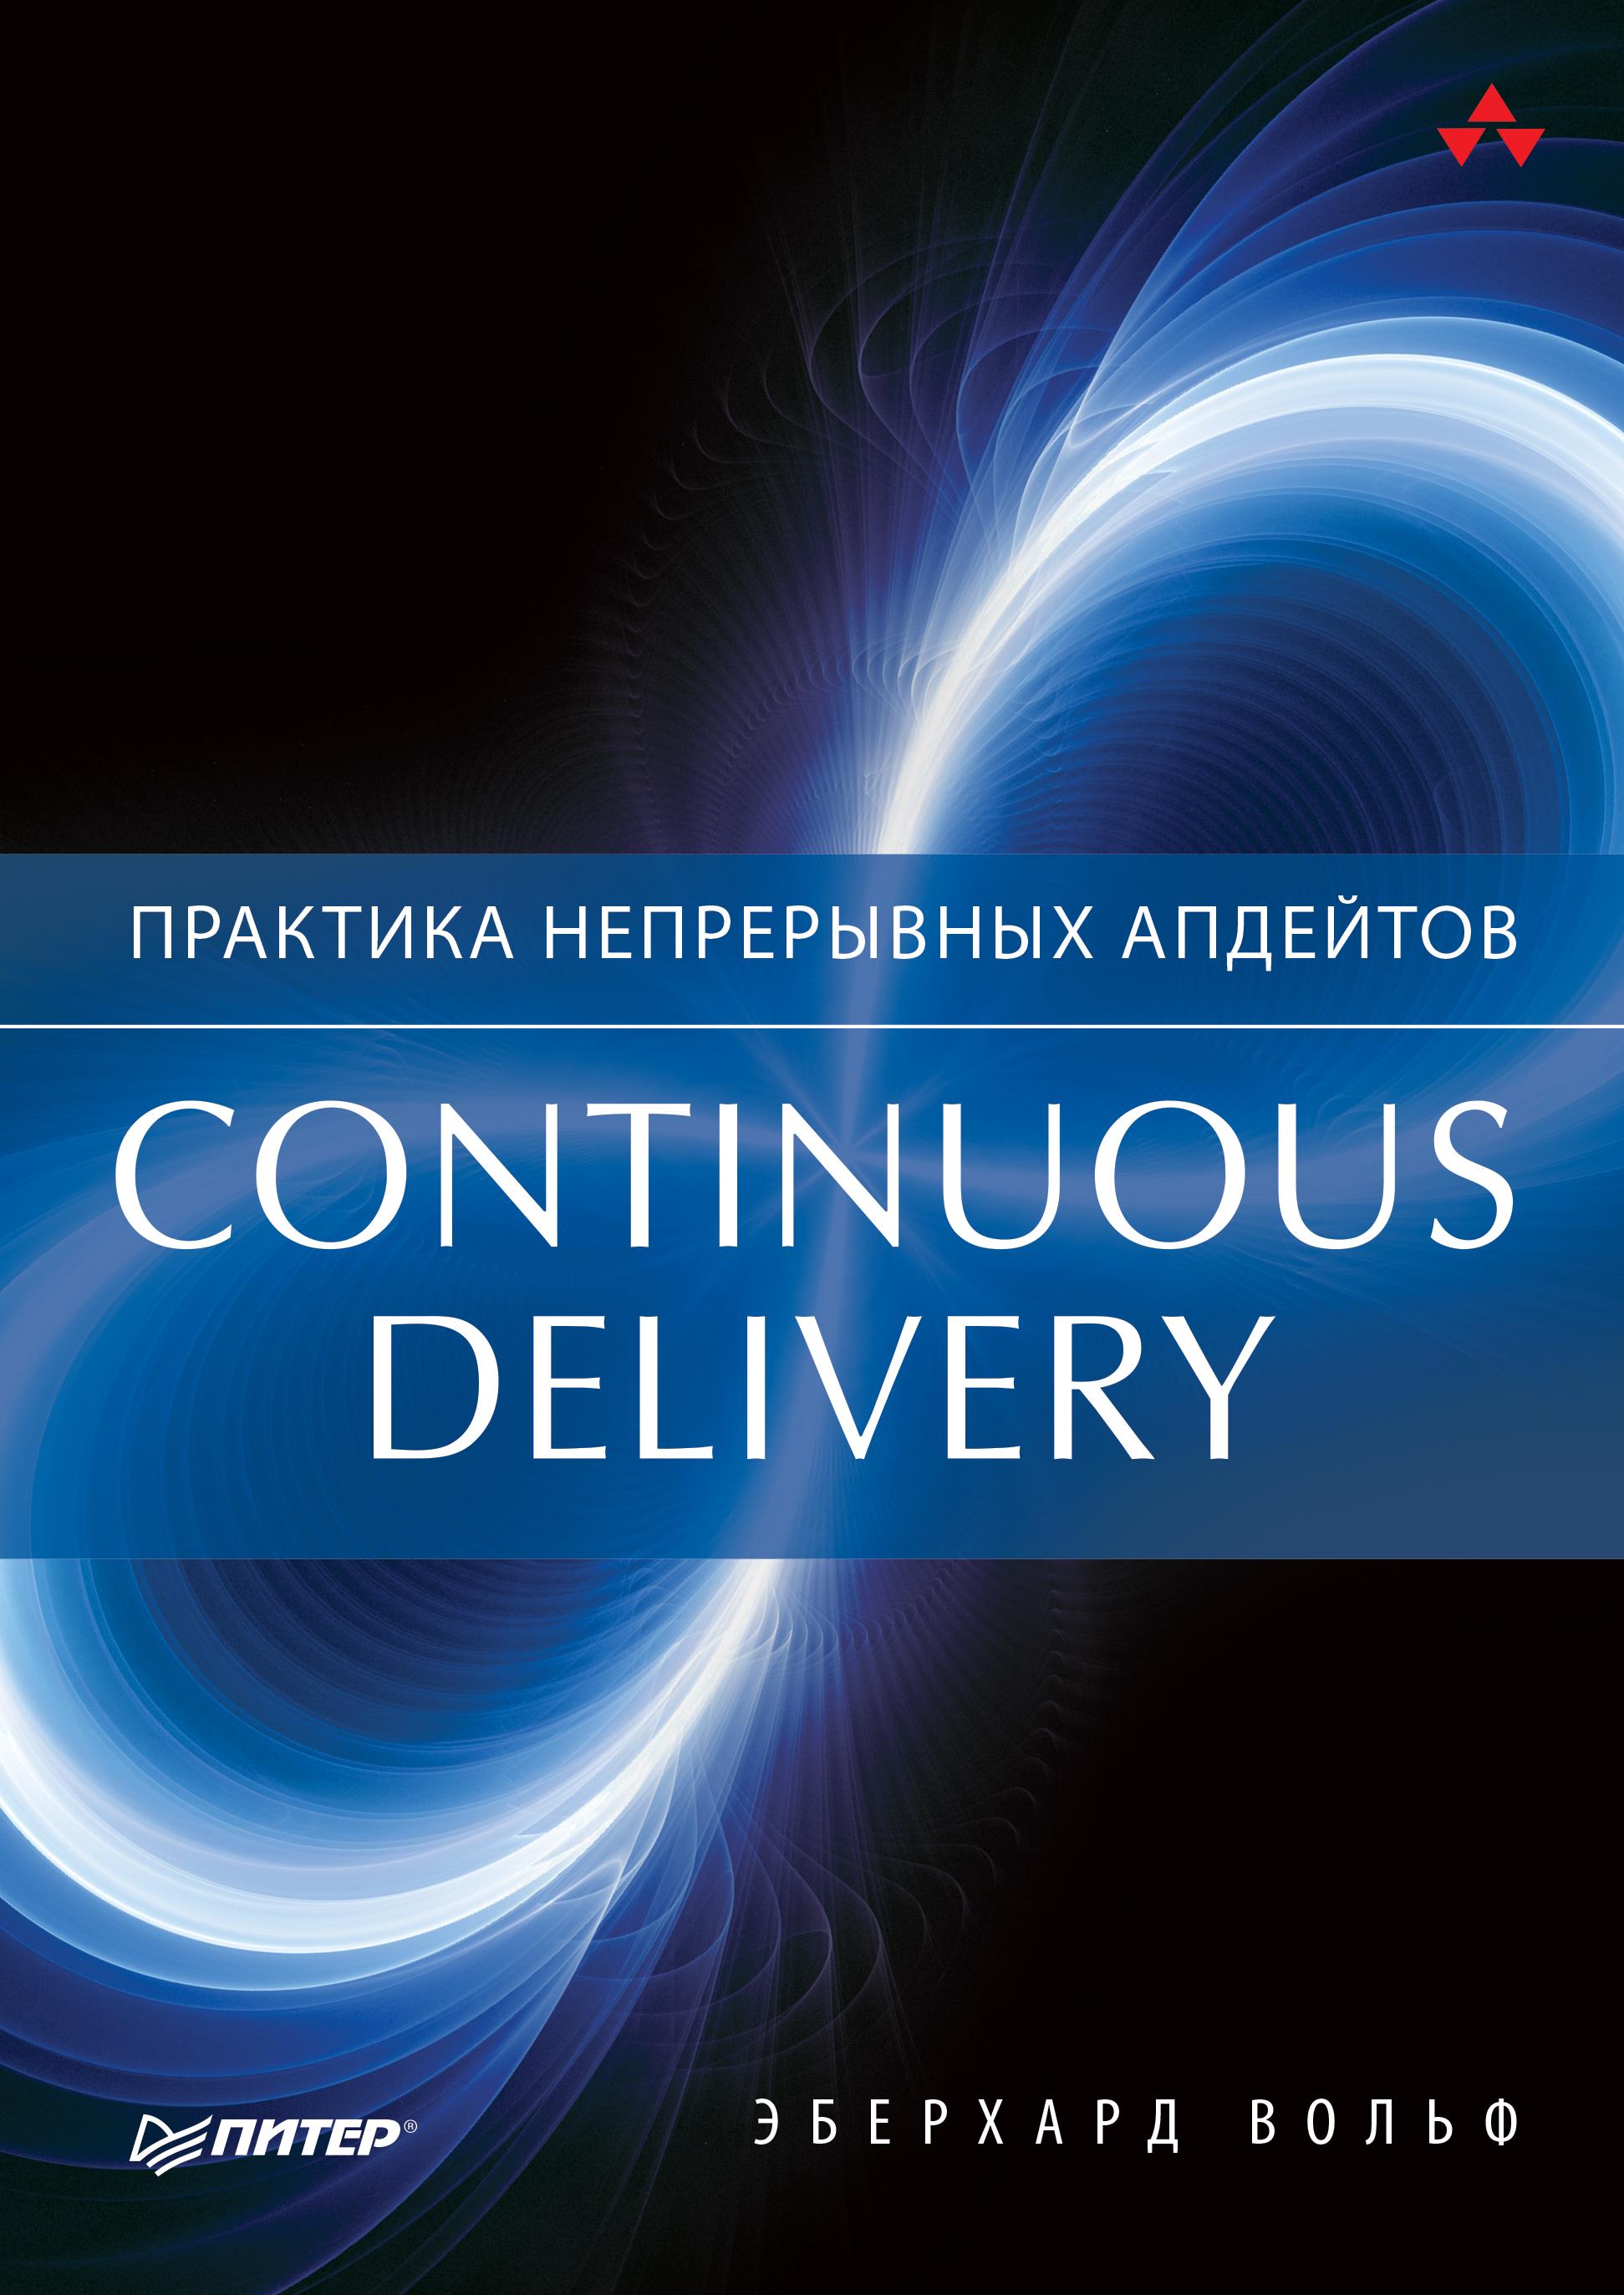 Эберхард Вольф Continuous delivery. Практика непрерывных апдейтов д е намиот инструменты нагрузочного тестирования